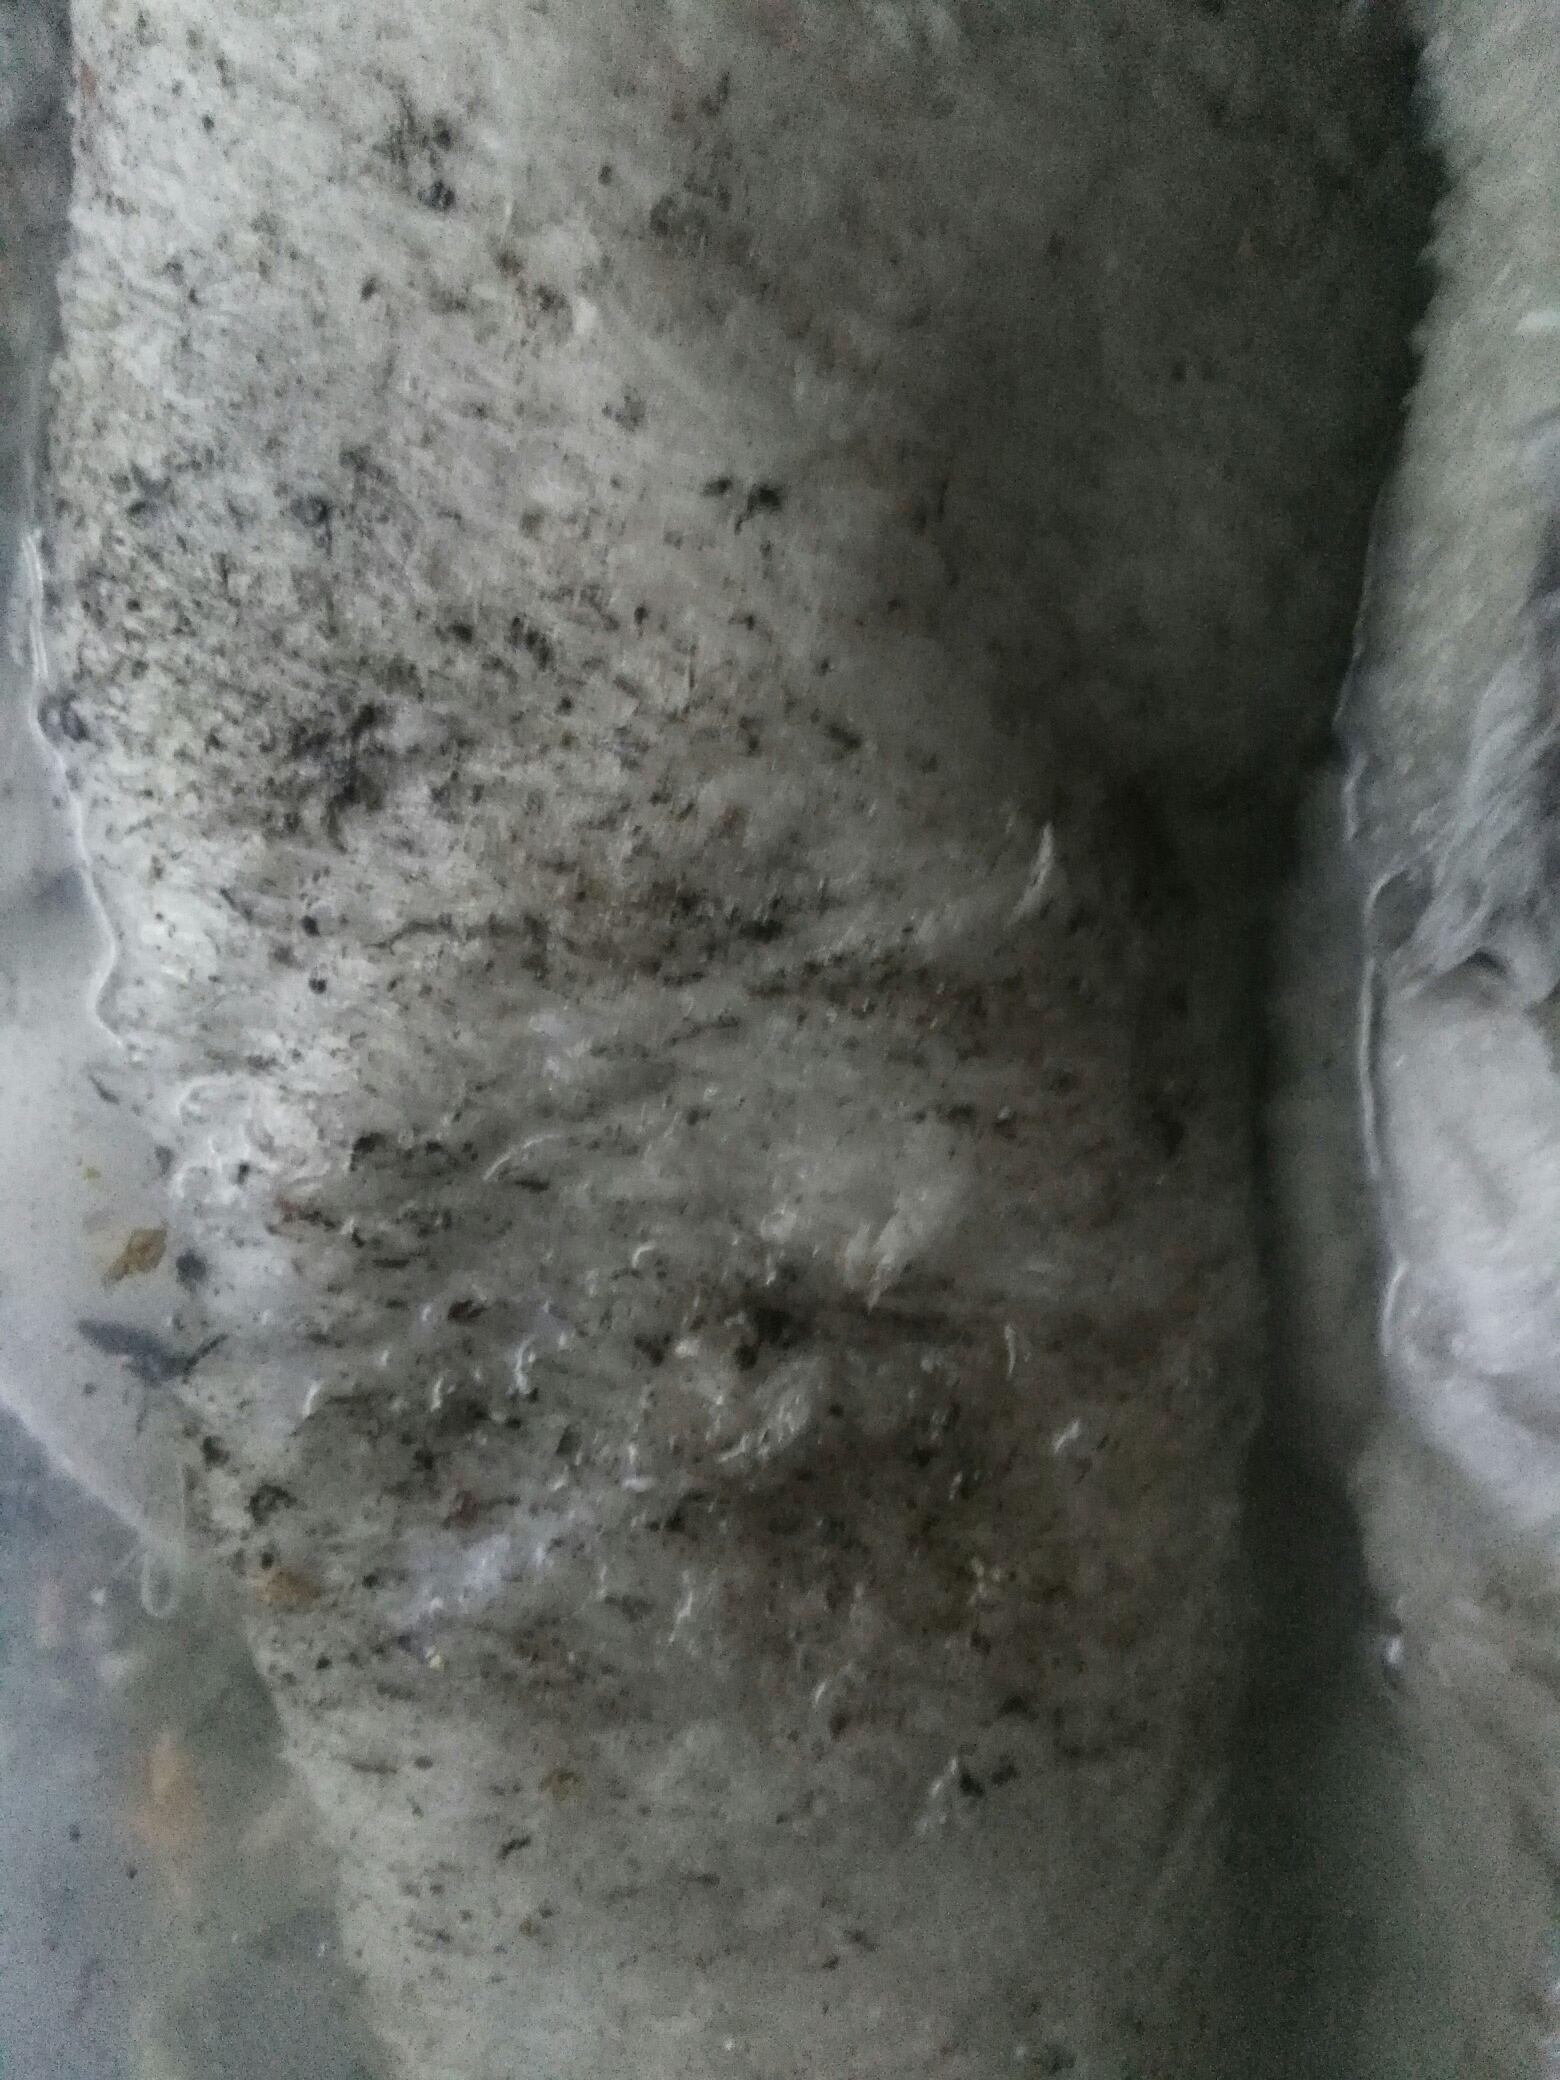 【西安泰虎】关于昨天洗衣机洗棉布 西安观赏鱼信息 西安博特第3张